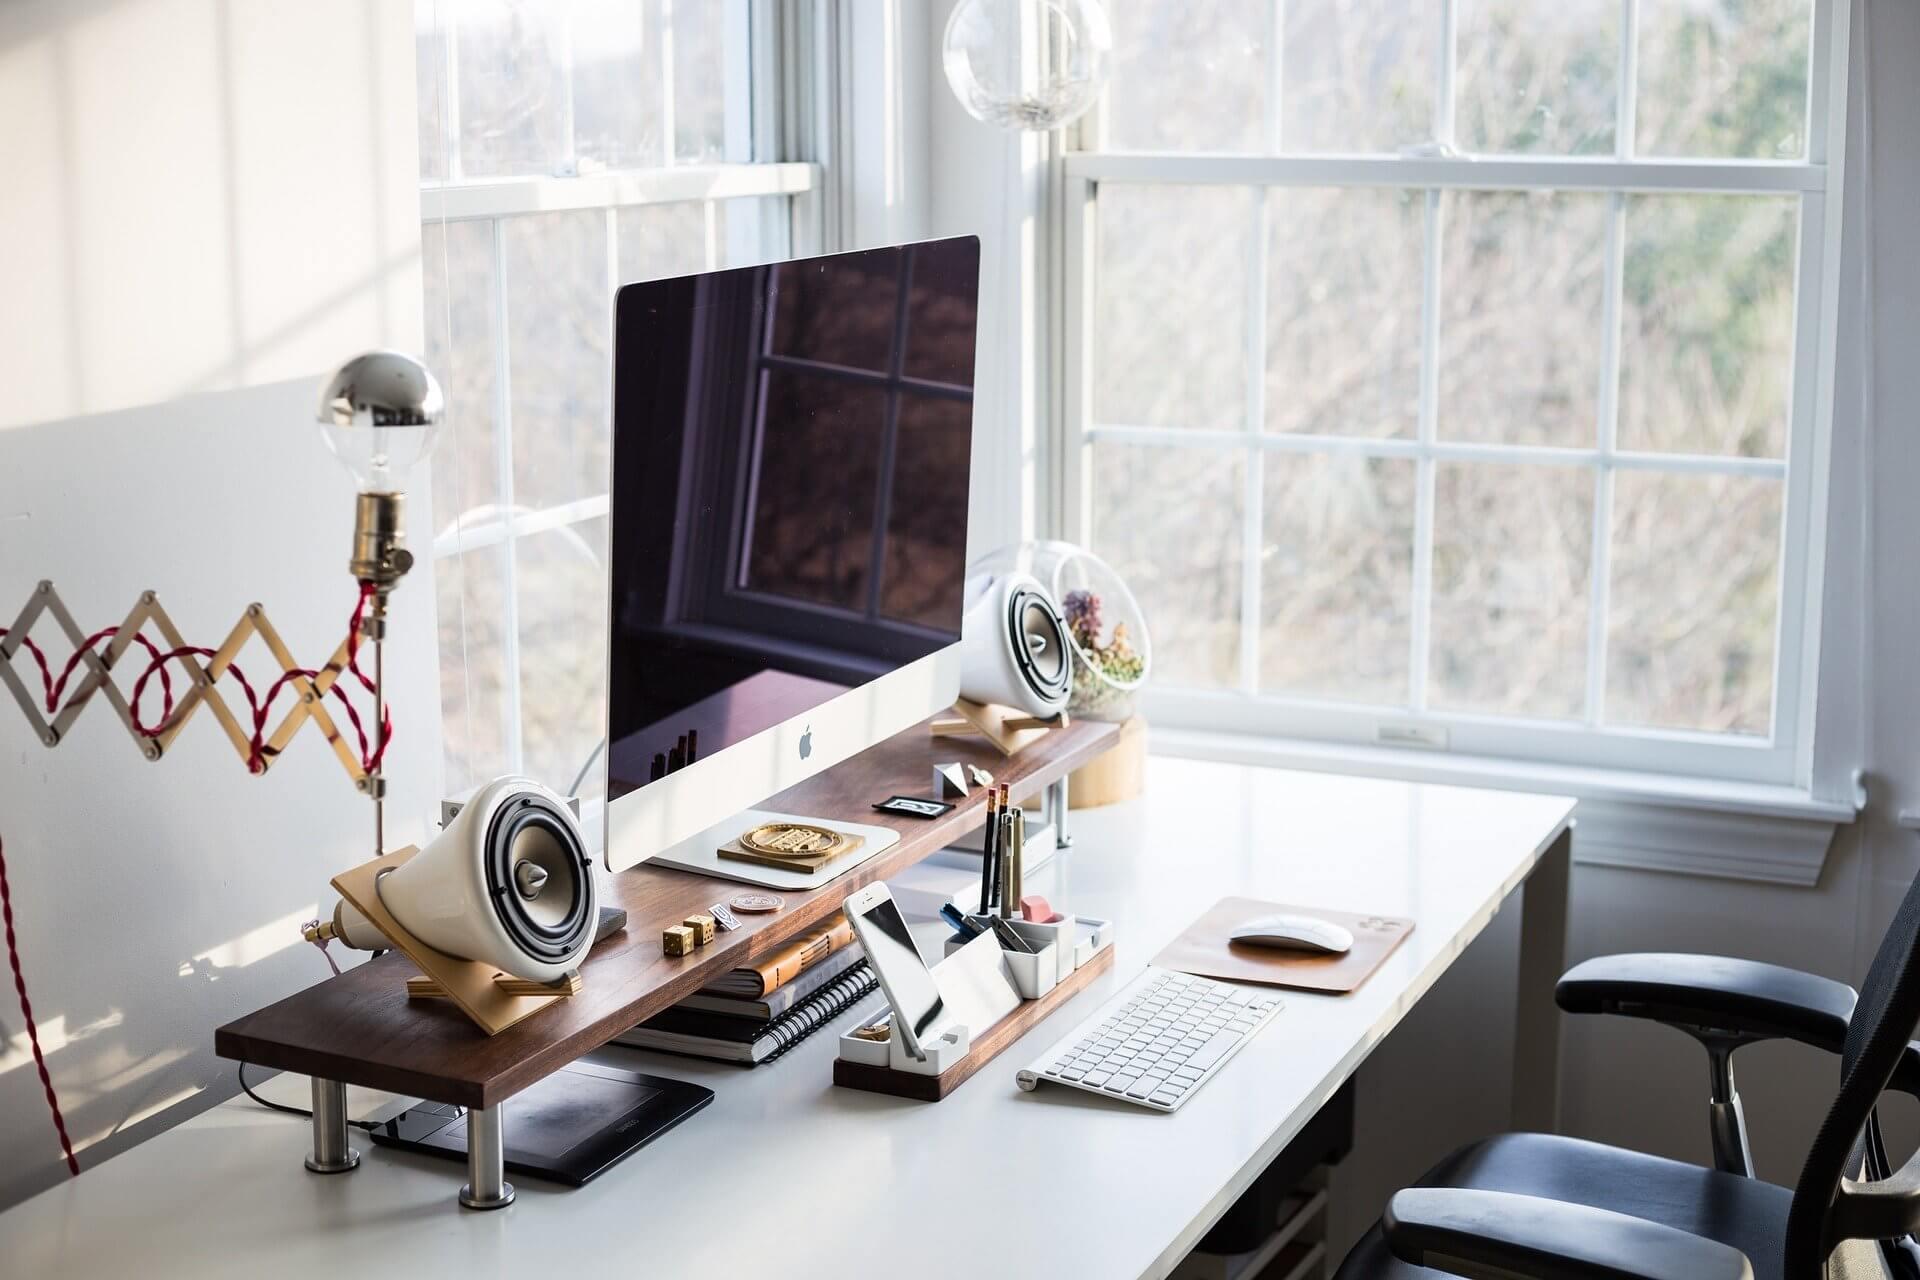 De beste bureaus voor je thuiswerkplek in 2020